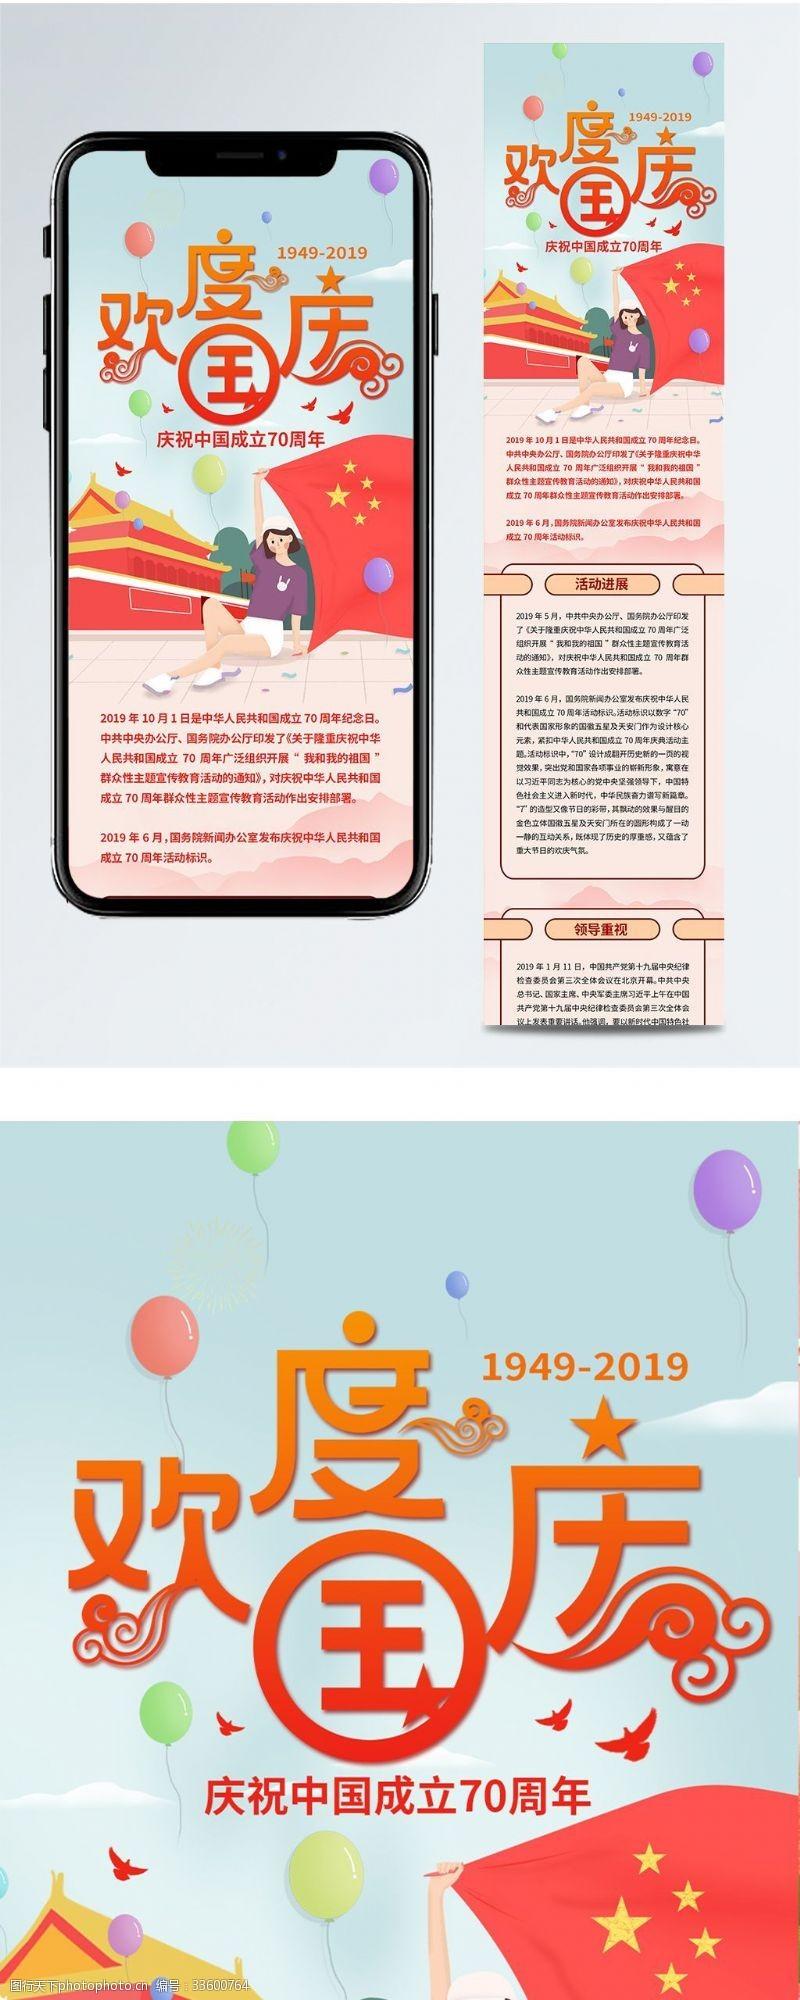 五星红旗欢度国庆中国成立70周年国庆节信息长图